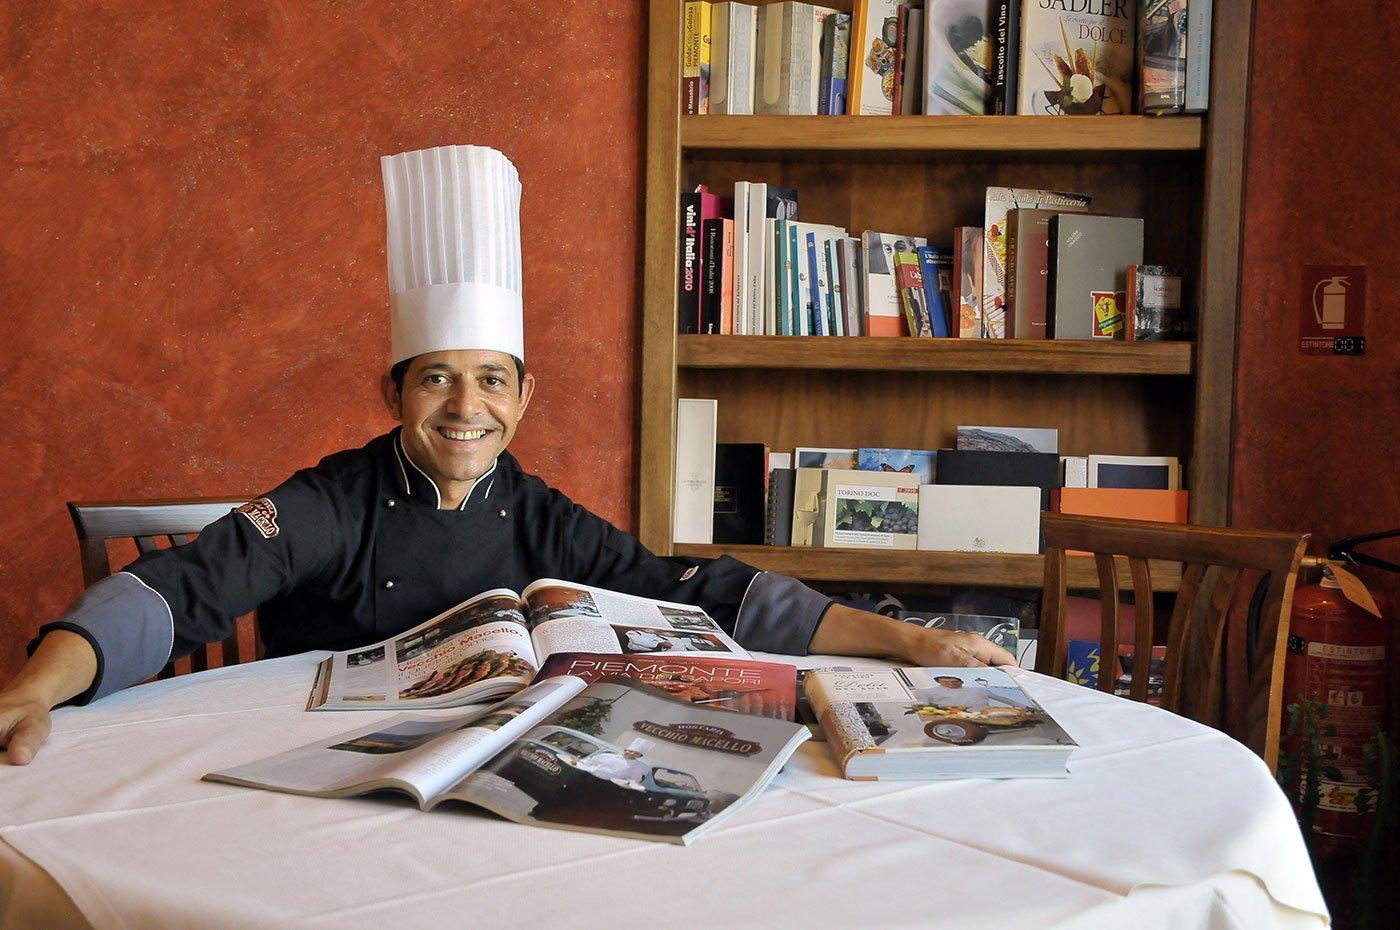 Un cuoco seduto al tavolo con delle riviste aperte